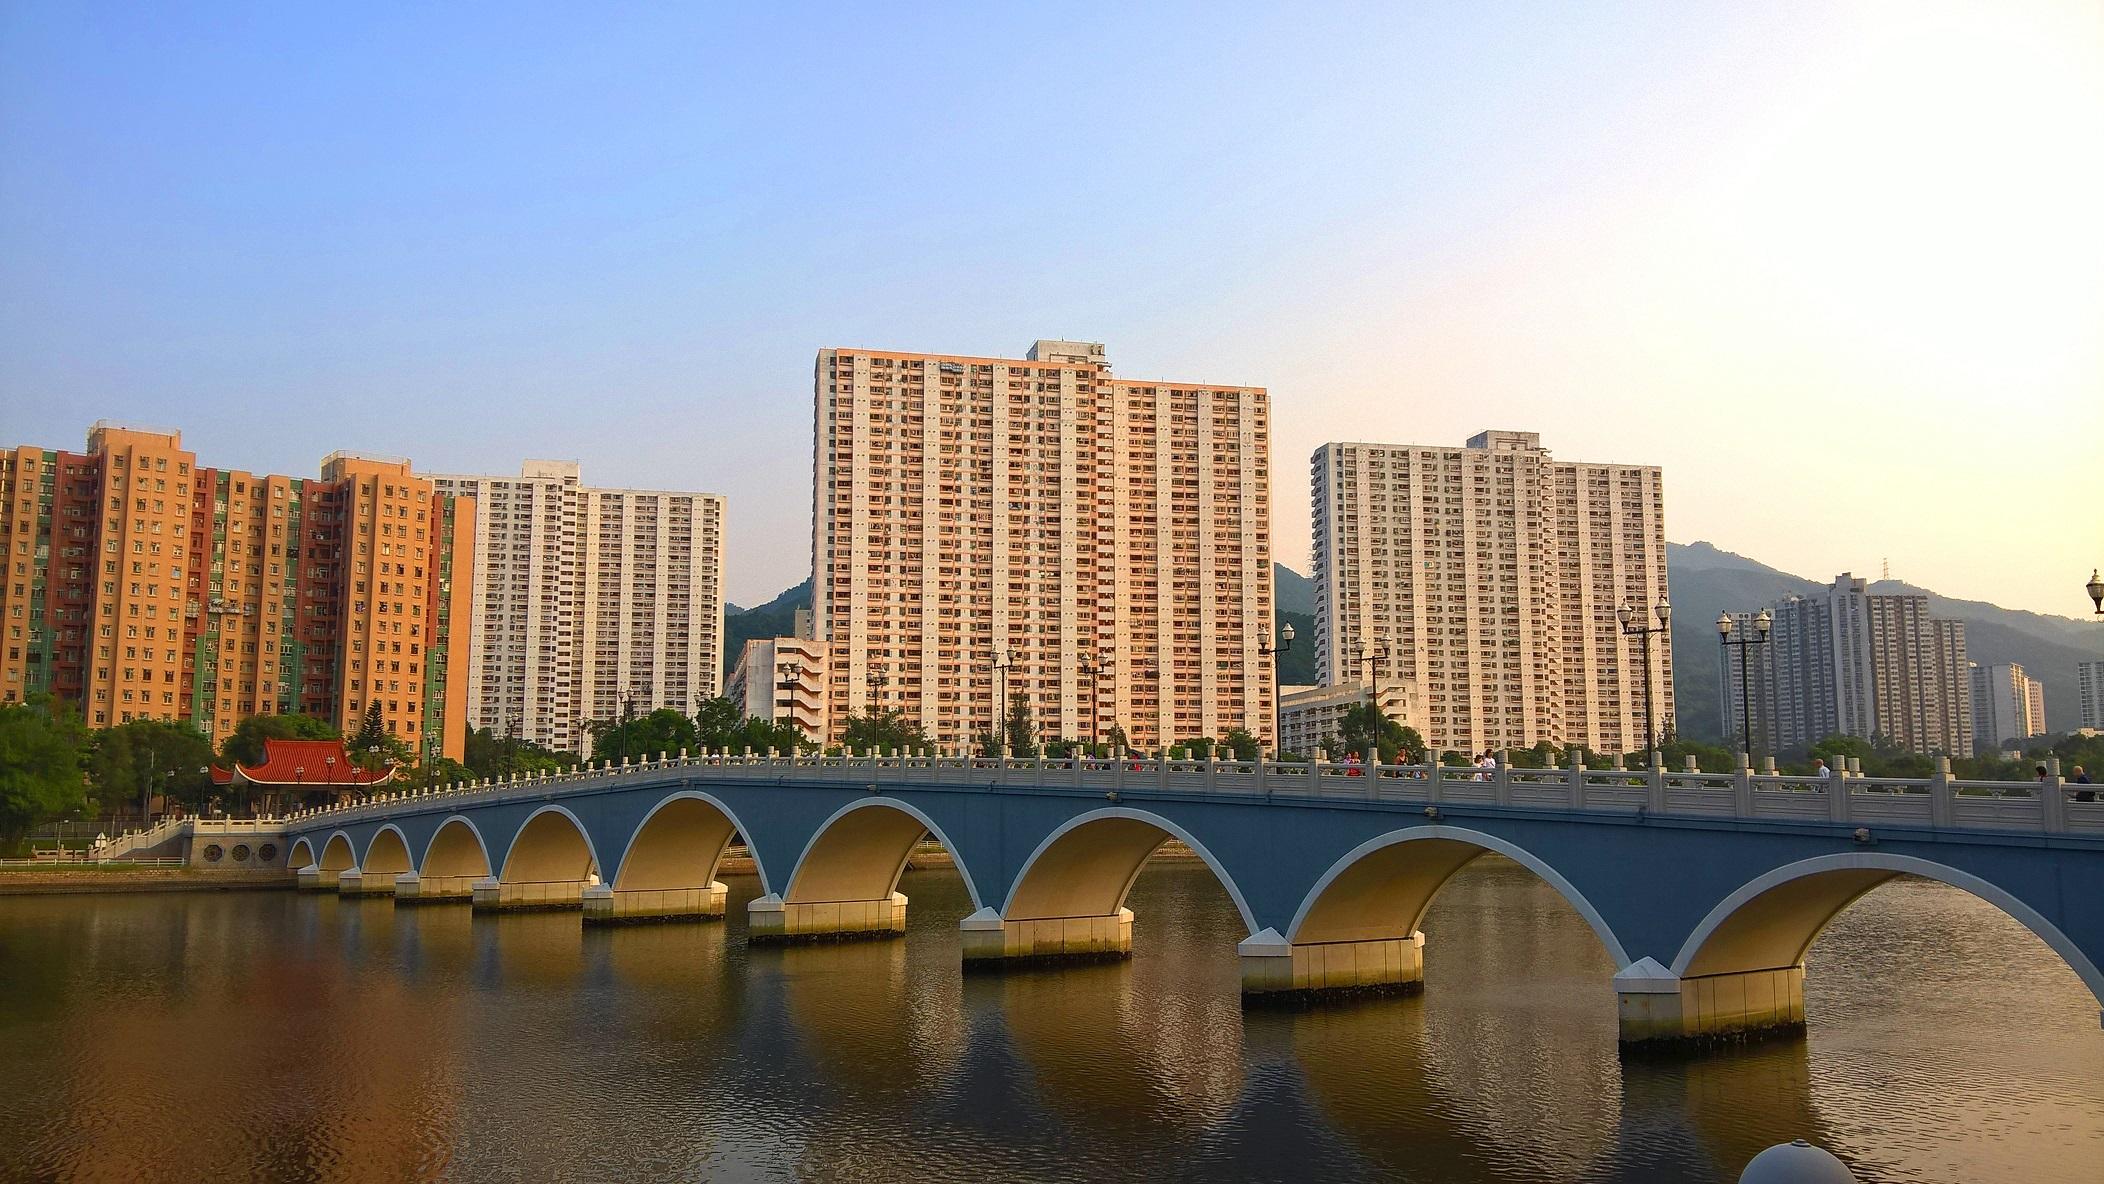 Sha Tin, sunset, bridge, river, buildings